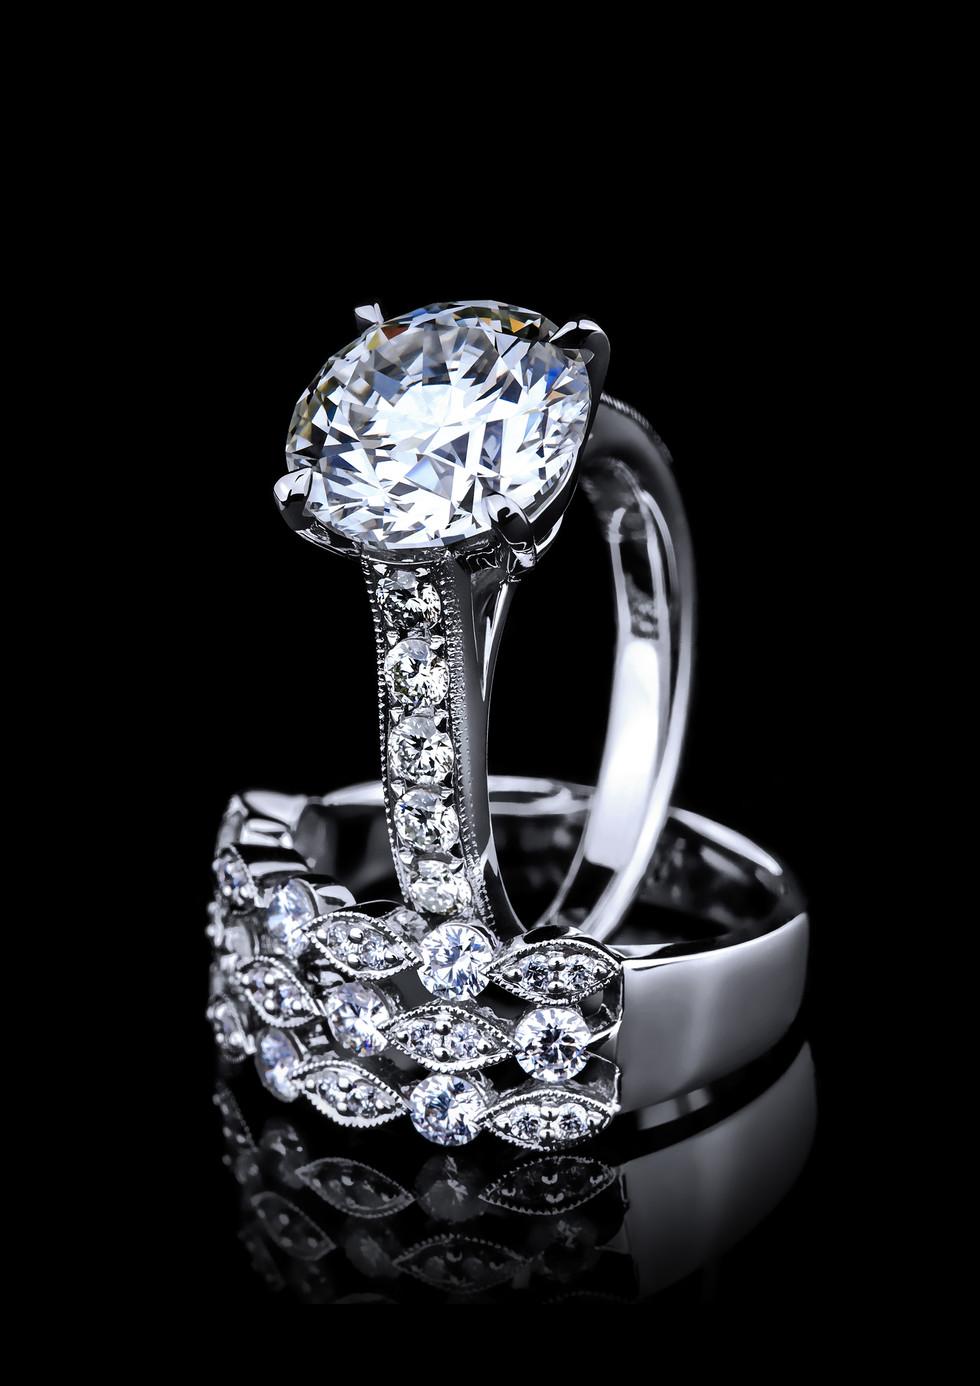 Arton Jewelry Branding8.jpg